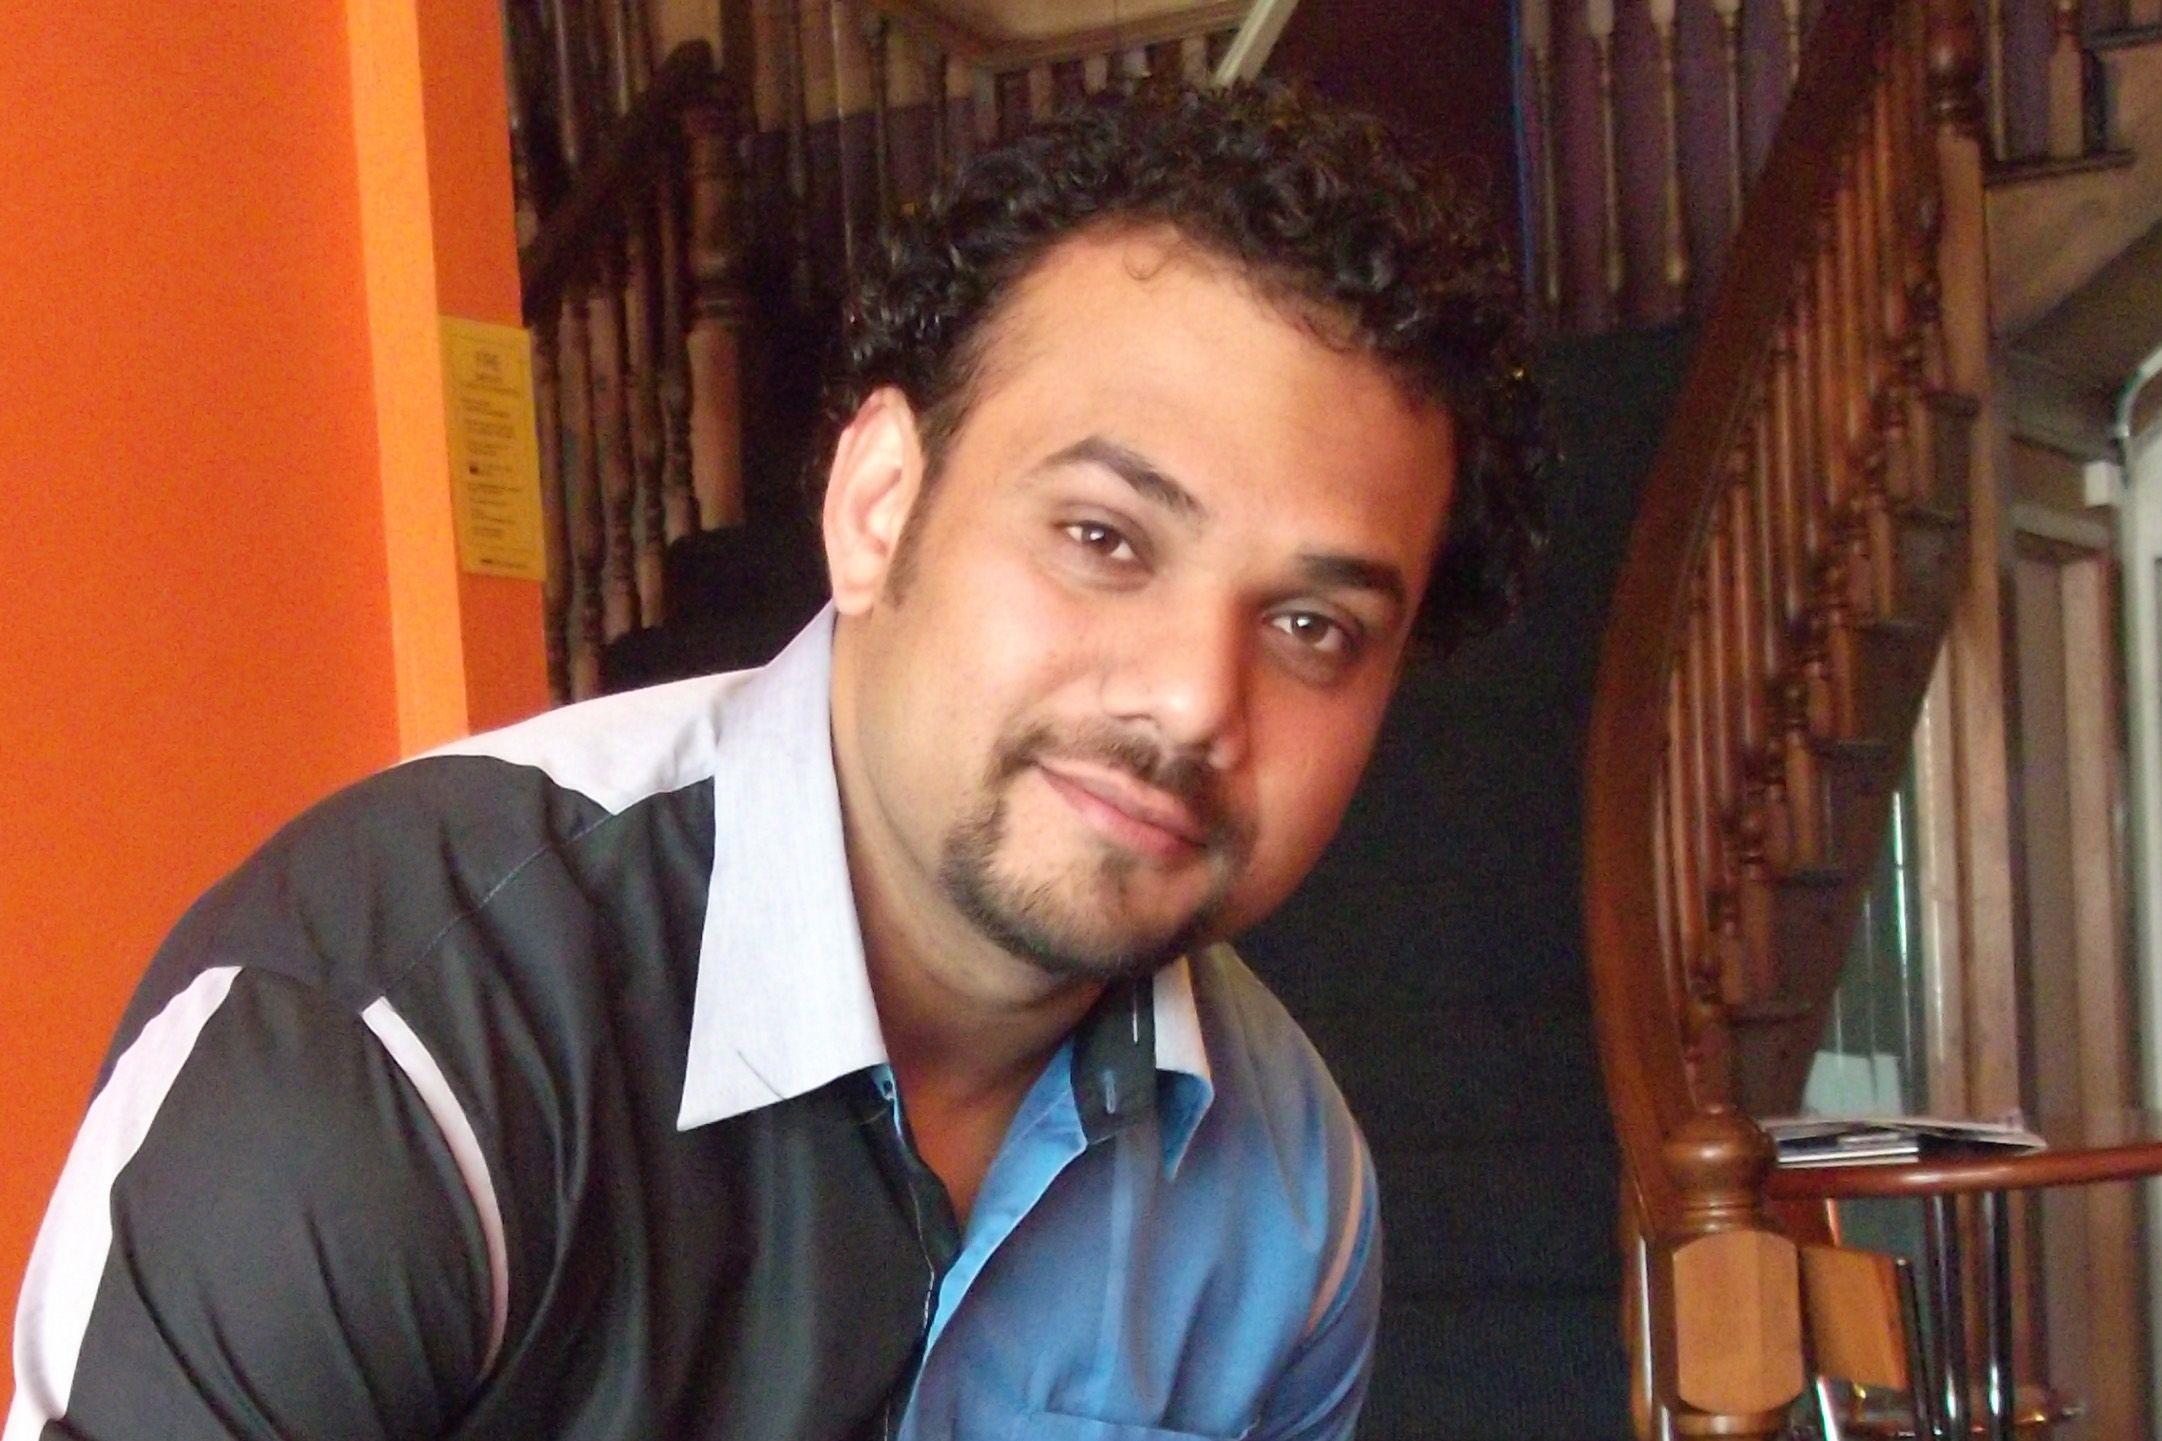 Zamach W Nowej Zelandii Update: Mieszkaniec Villa Park Zginął W Zamachu W Nowej Zelandii